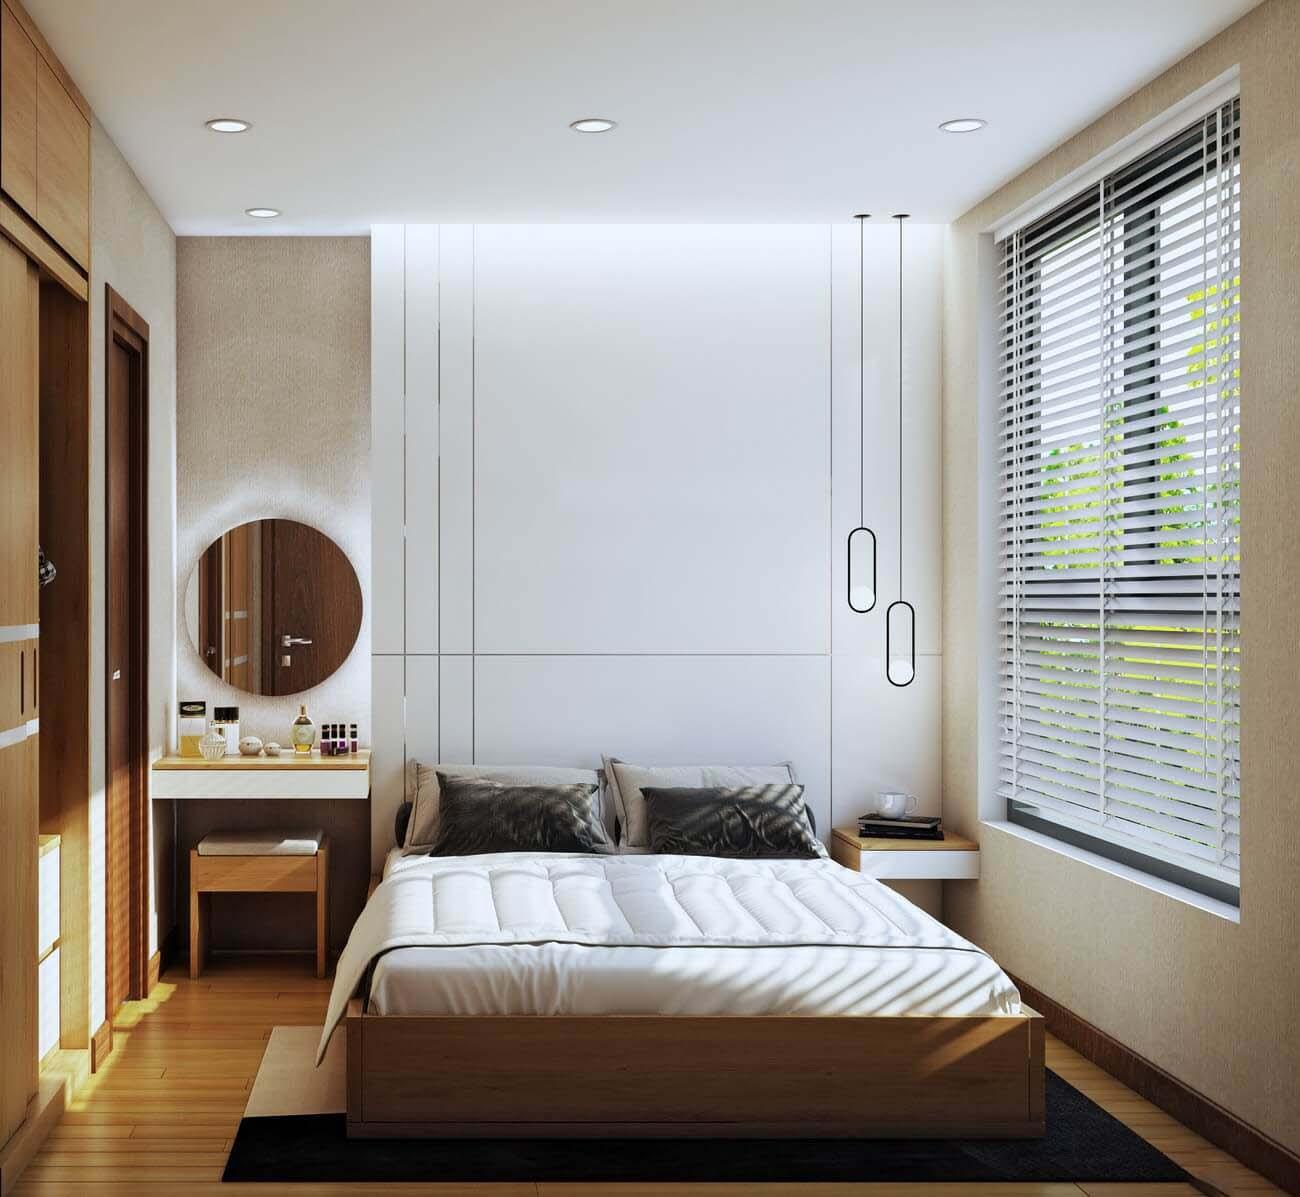 Phòng ngủ Master căn hộ chung cư Bcons Suối Tiên Loại B Dĩ An Đường Tân Lập chủ đầu tư Bcons